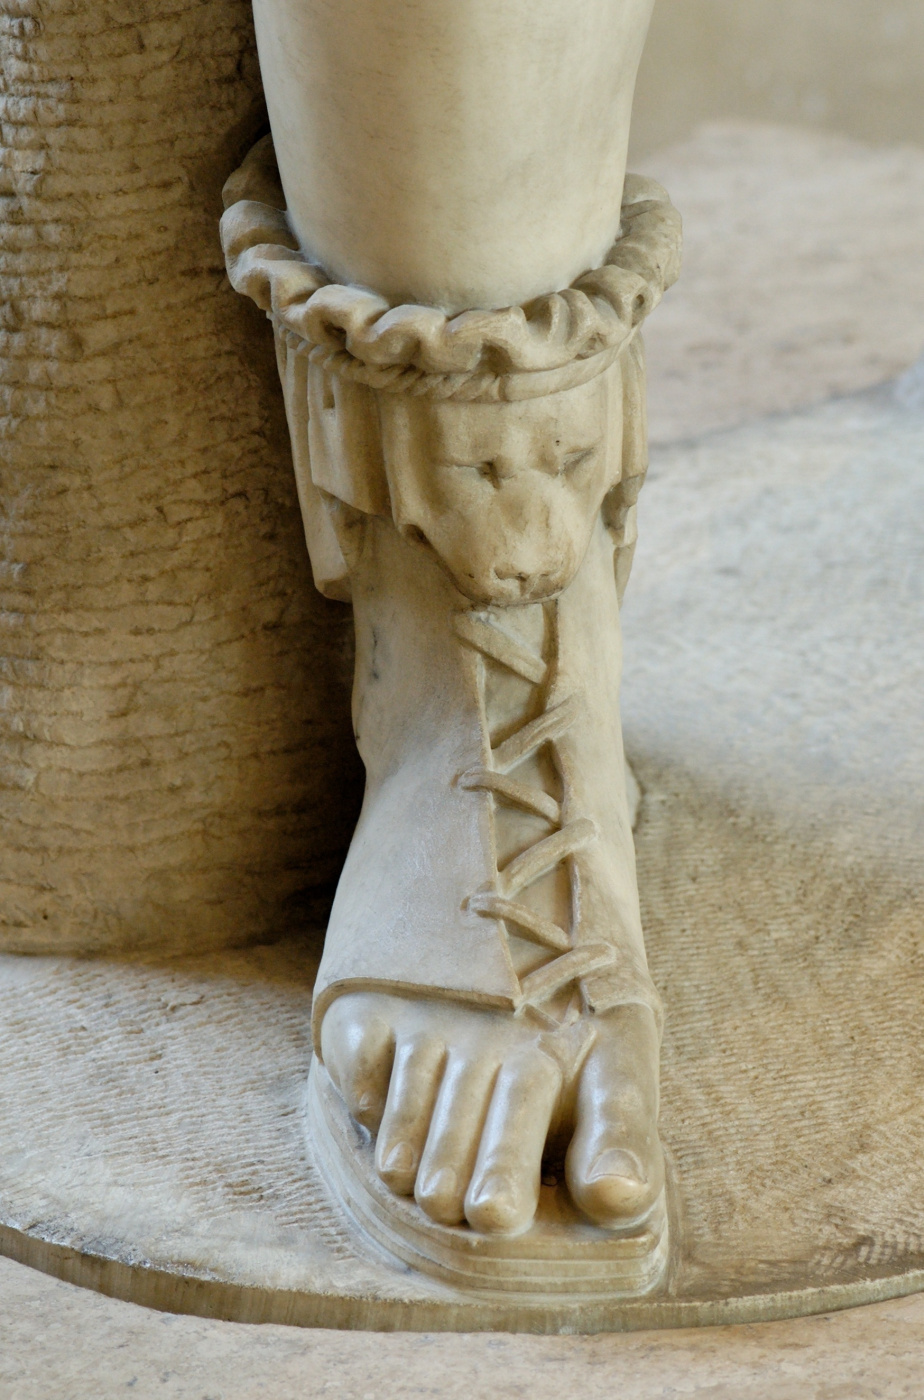 Обувь как символ в искусстве: объект желания